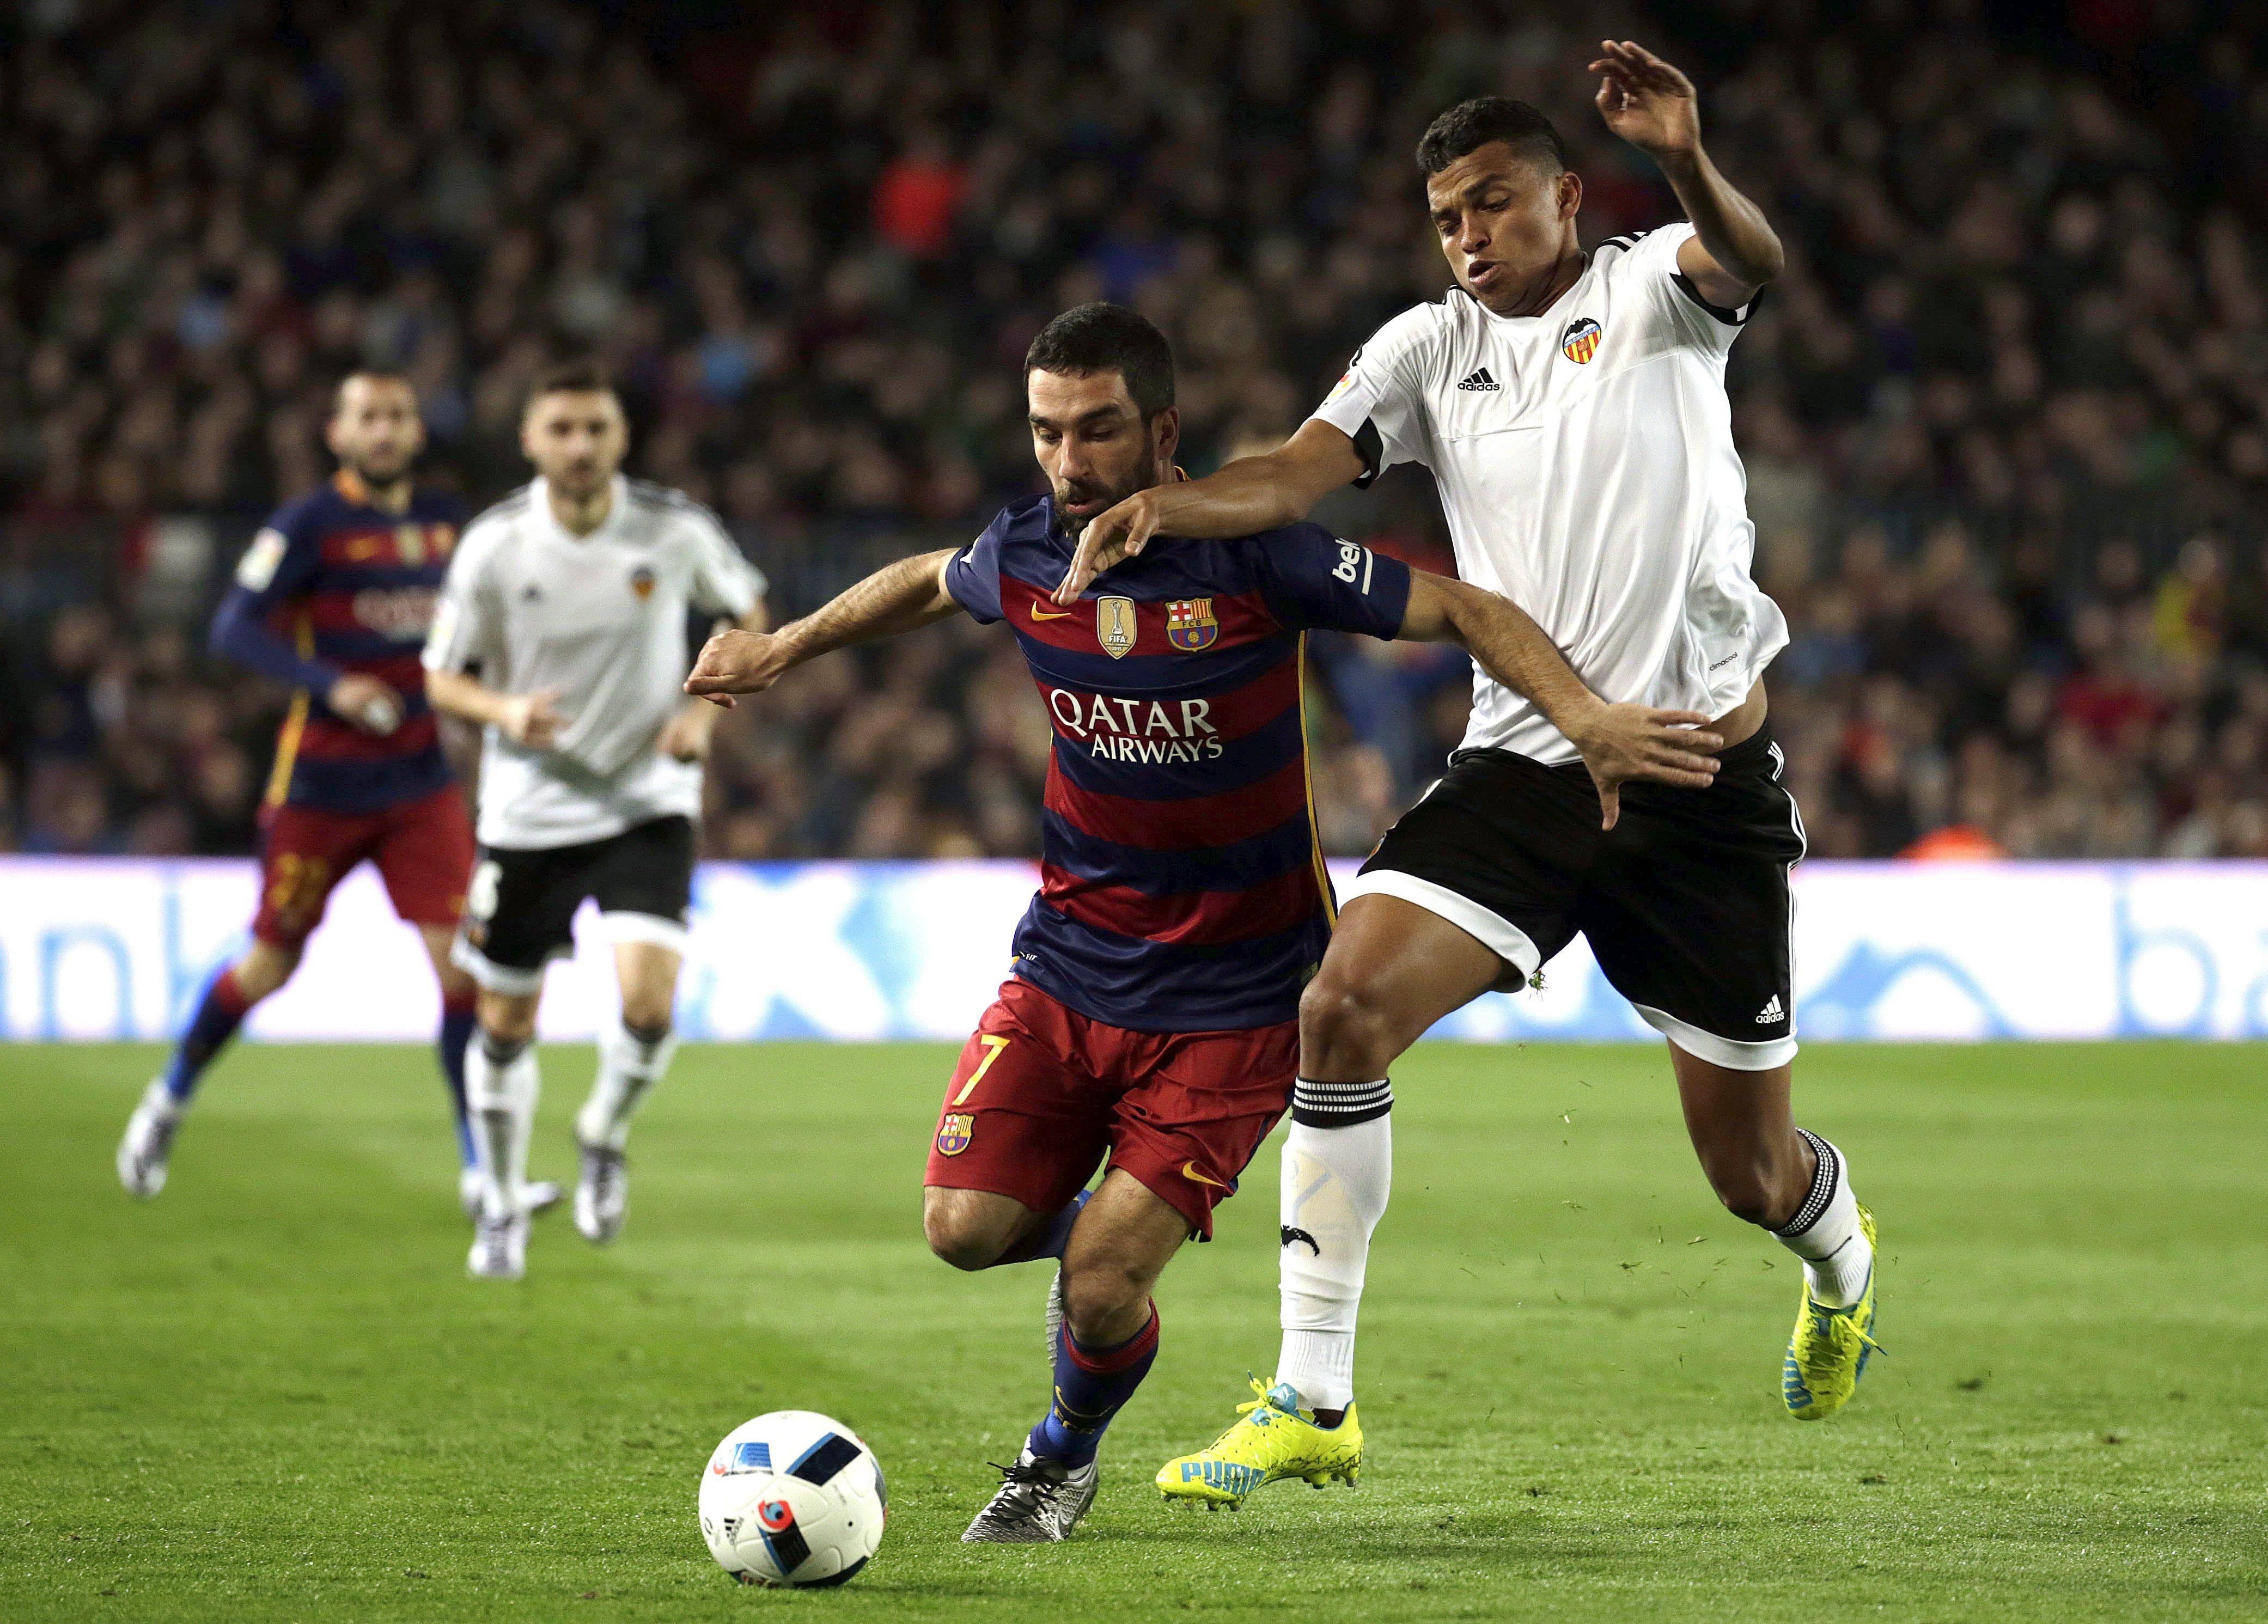 Tras el 7 a 0, el Barcelona empató ante Valencia y se metió en la final